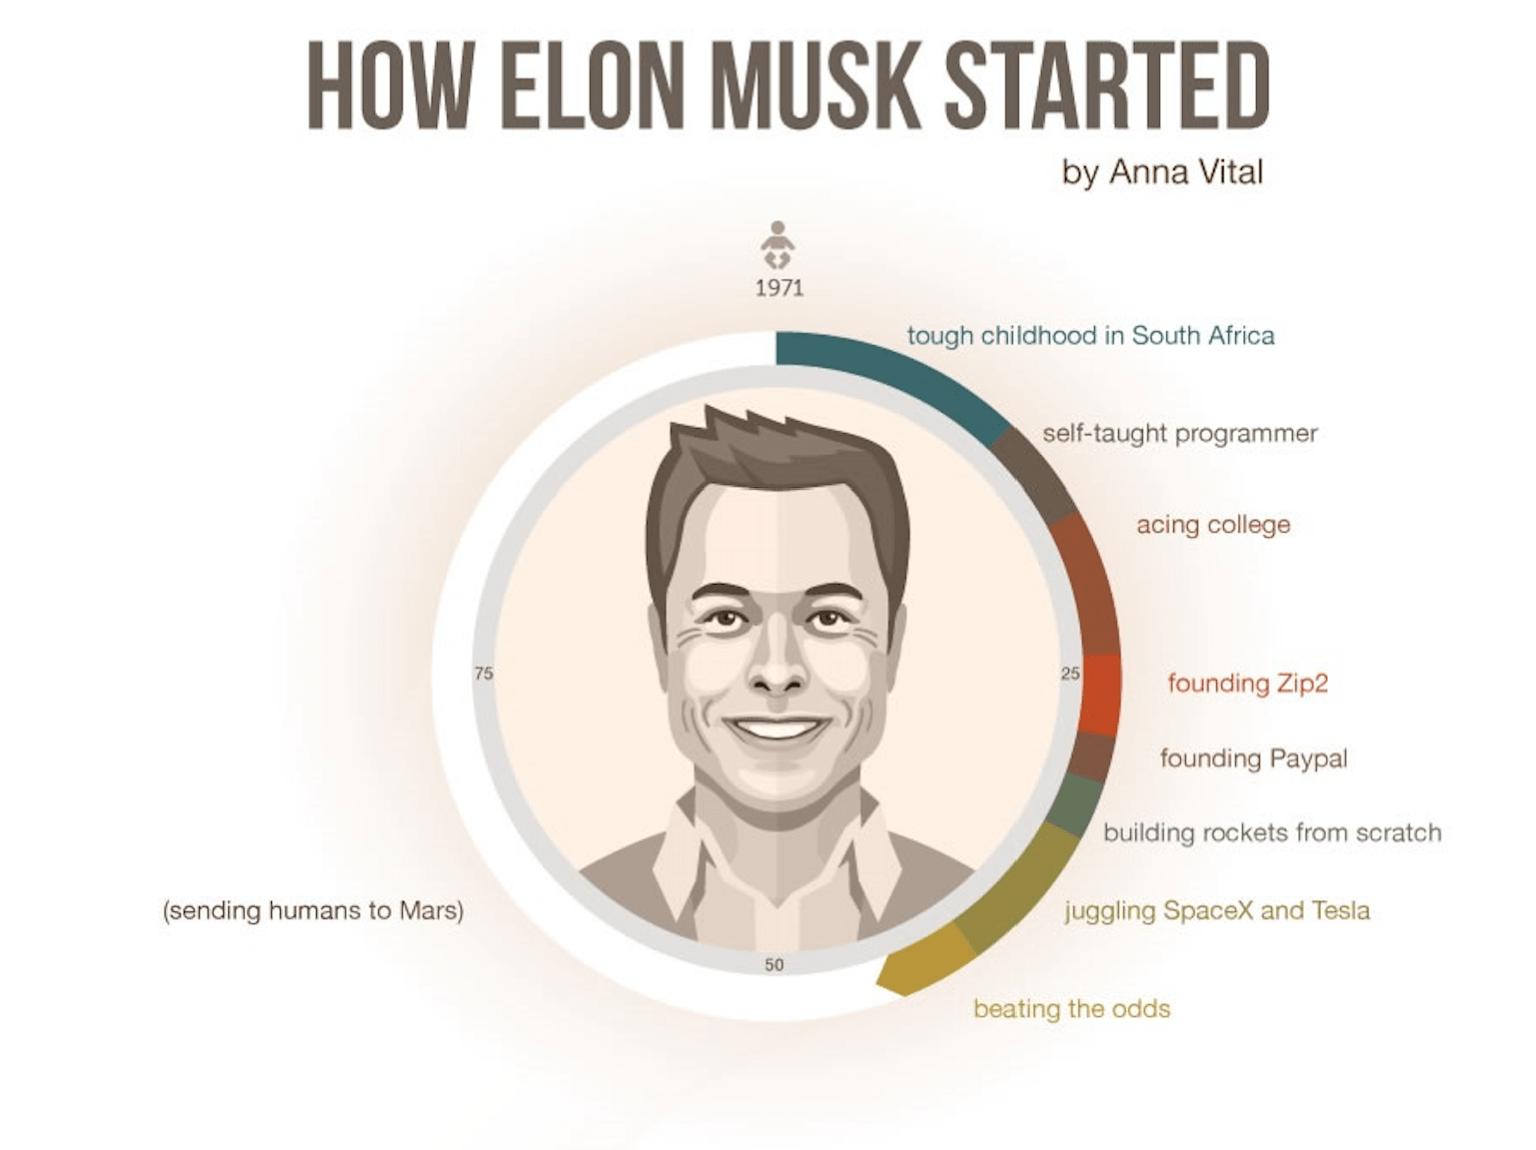 De PayPal à SpaceX : la vie d'Elon Musk en une infographie ...